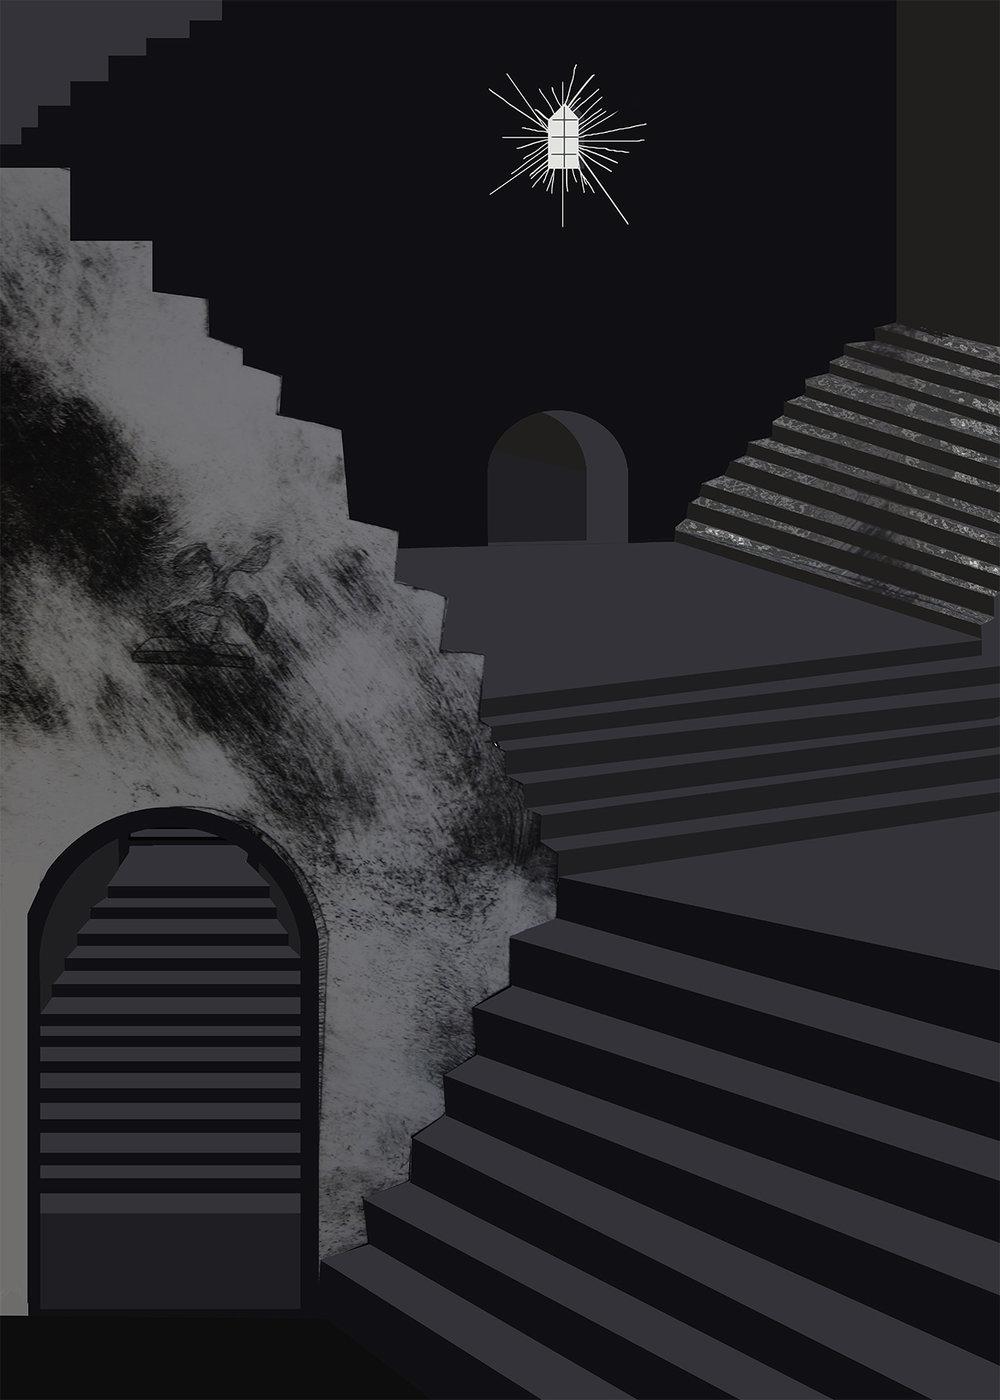 thefuture_depression_tovajertfelt